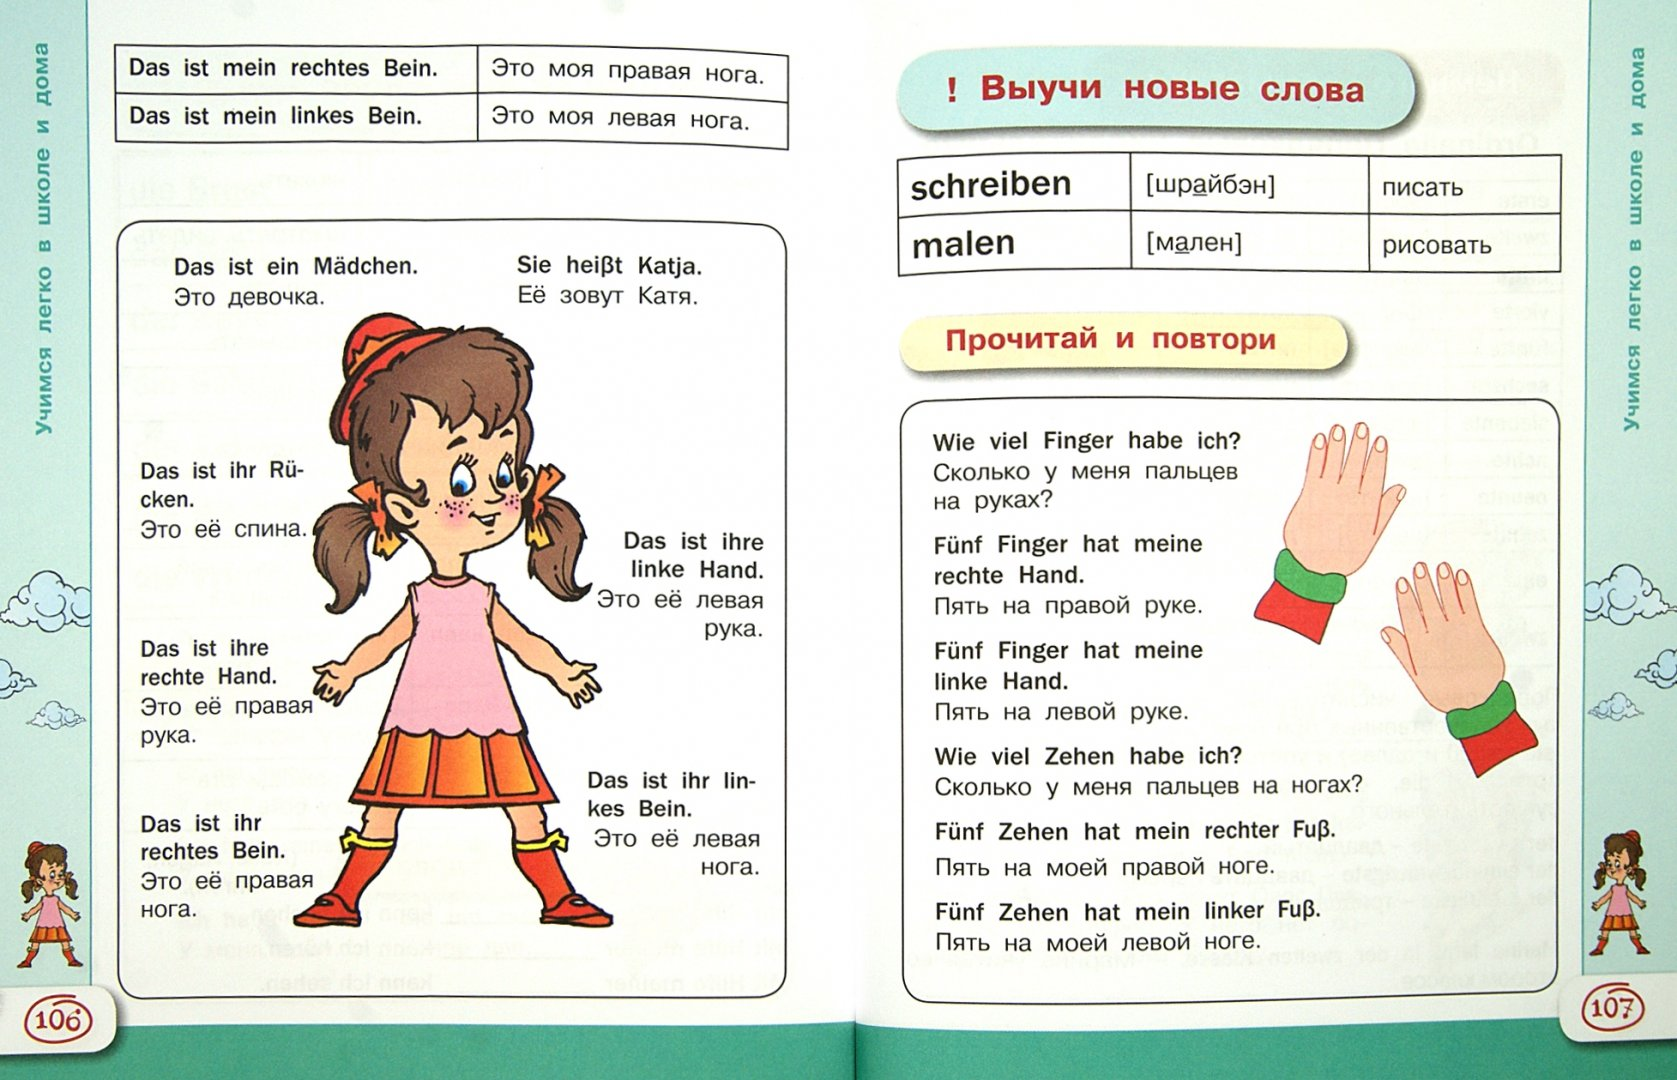 chitat-nemetskiy-s-perevodom-na-russkiy-s-illyustratsiyami-porno-erotika-frantsuzskiy